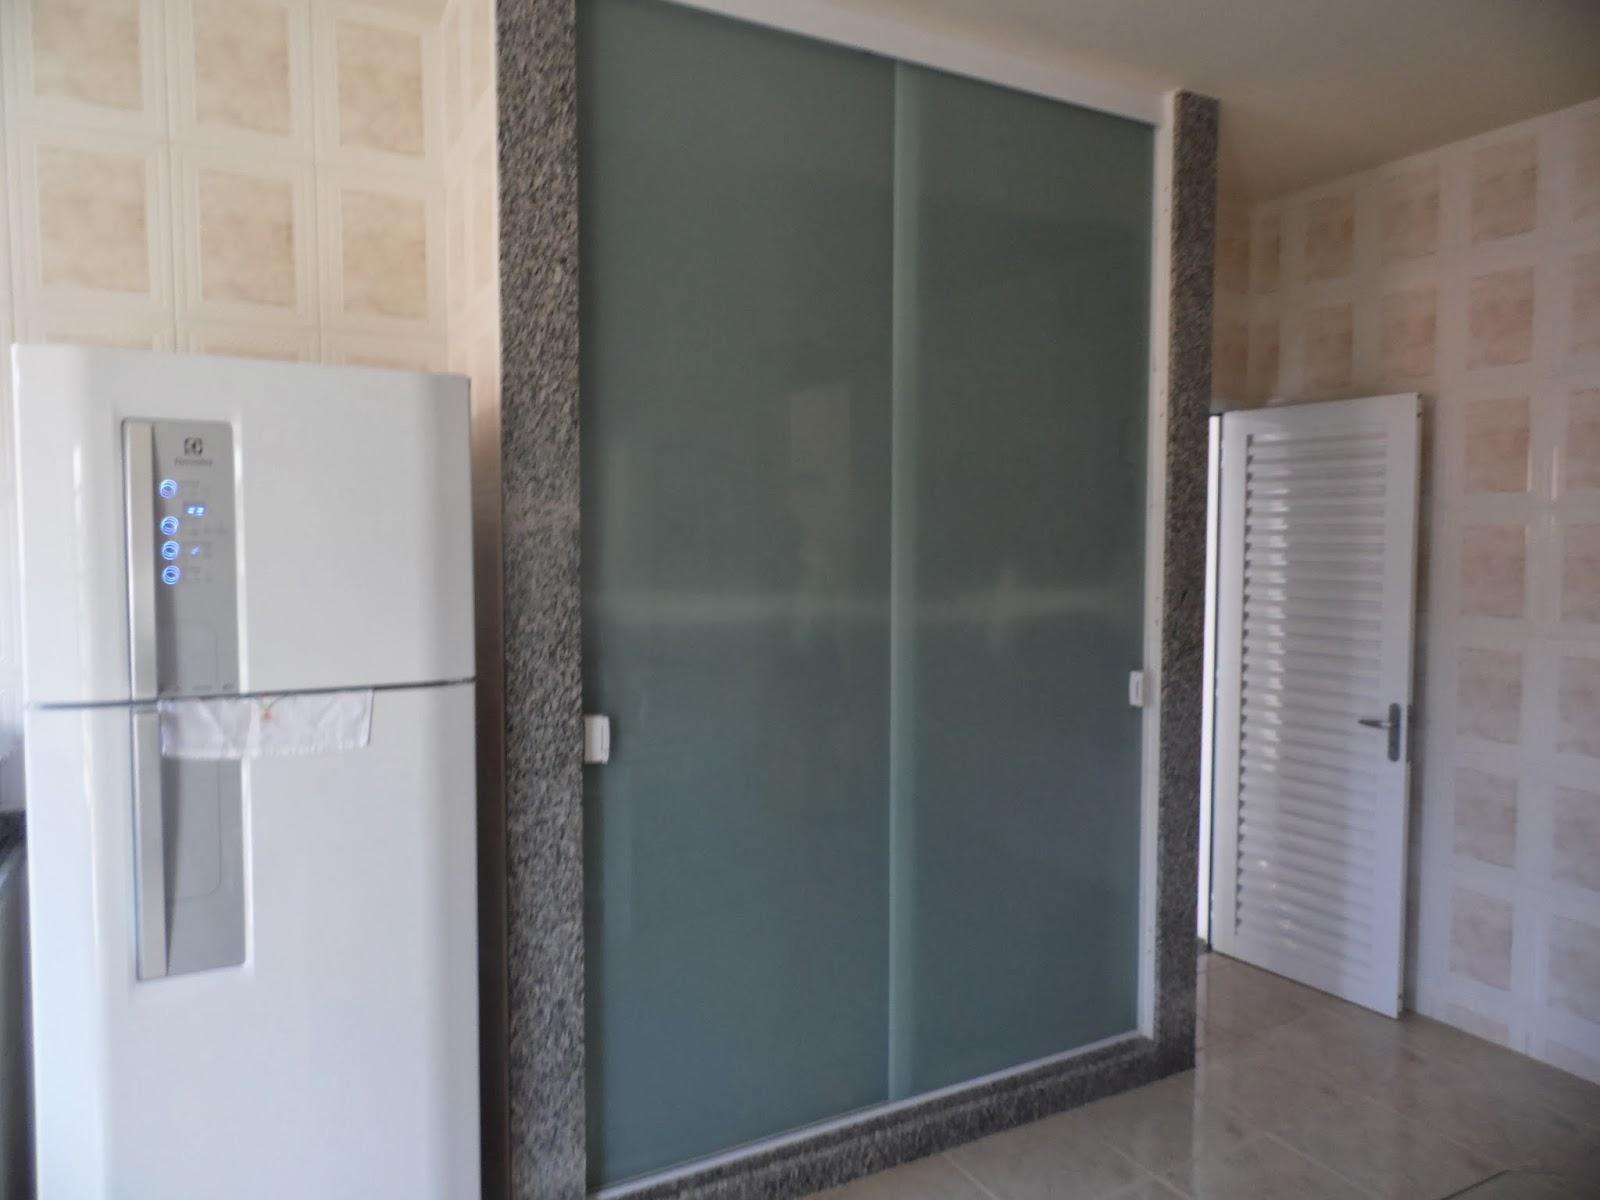 Armarios De Cozinha De Vidro : Af temper vidros armario de cozinha em vidro serigrafado